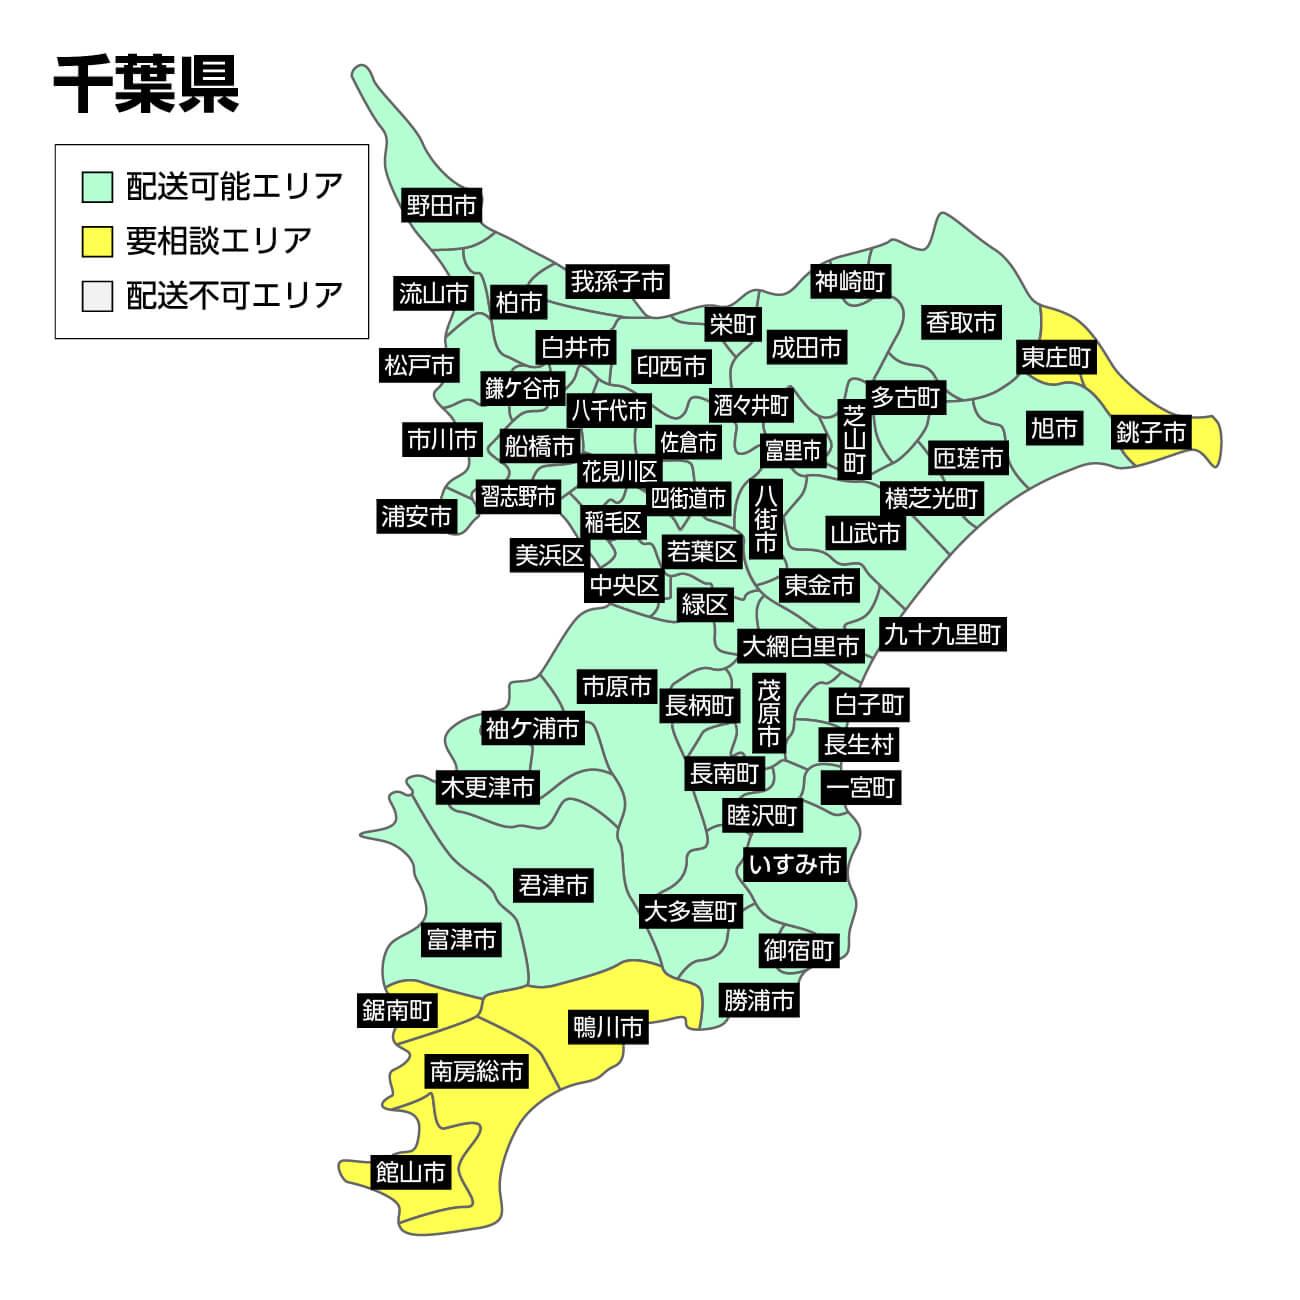 千葉県の集荷可能エリア